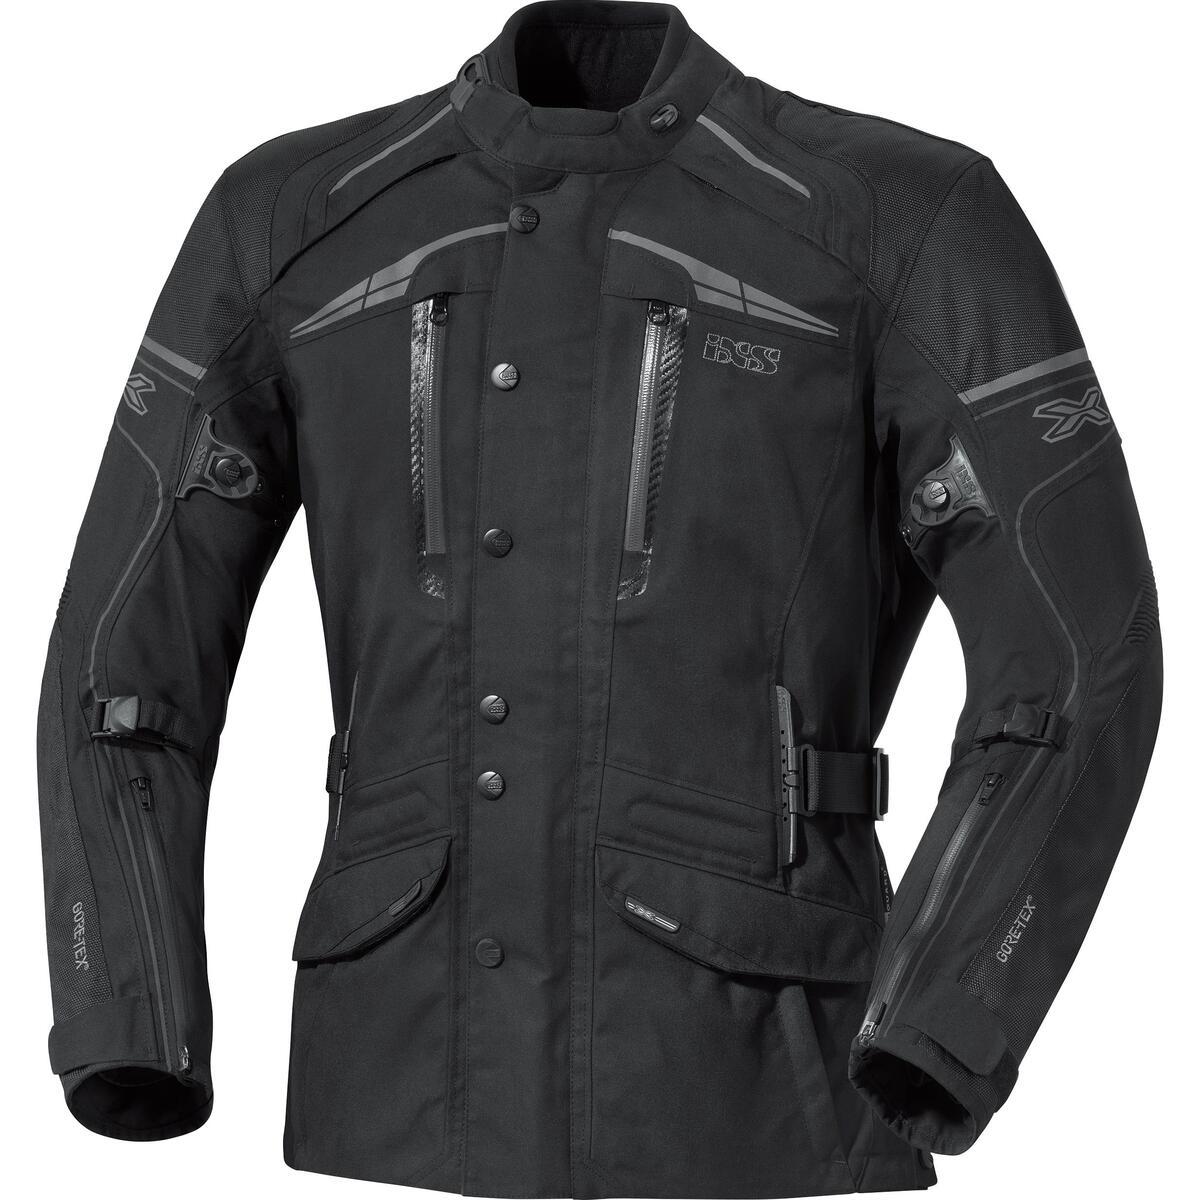 Bild 2 von IXS X-Motorradjacke Montgomery schwarz Herren Größe M